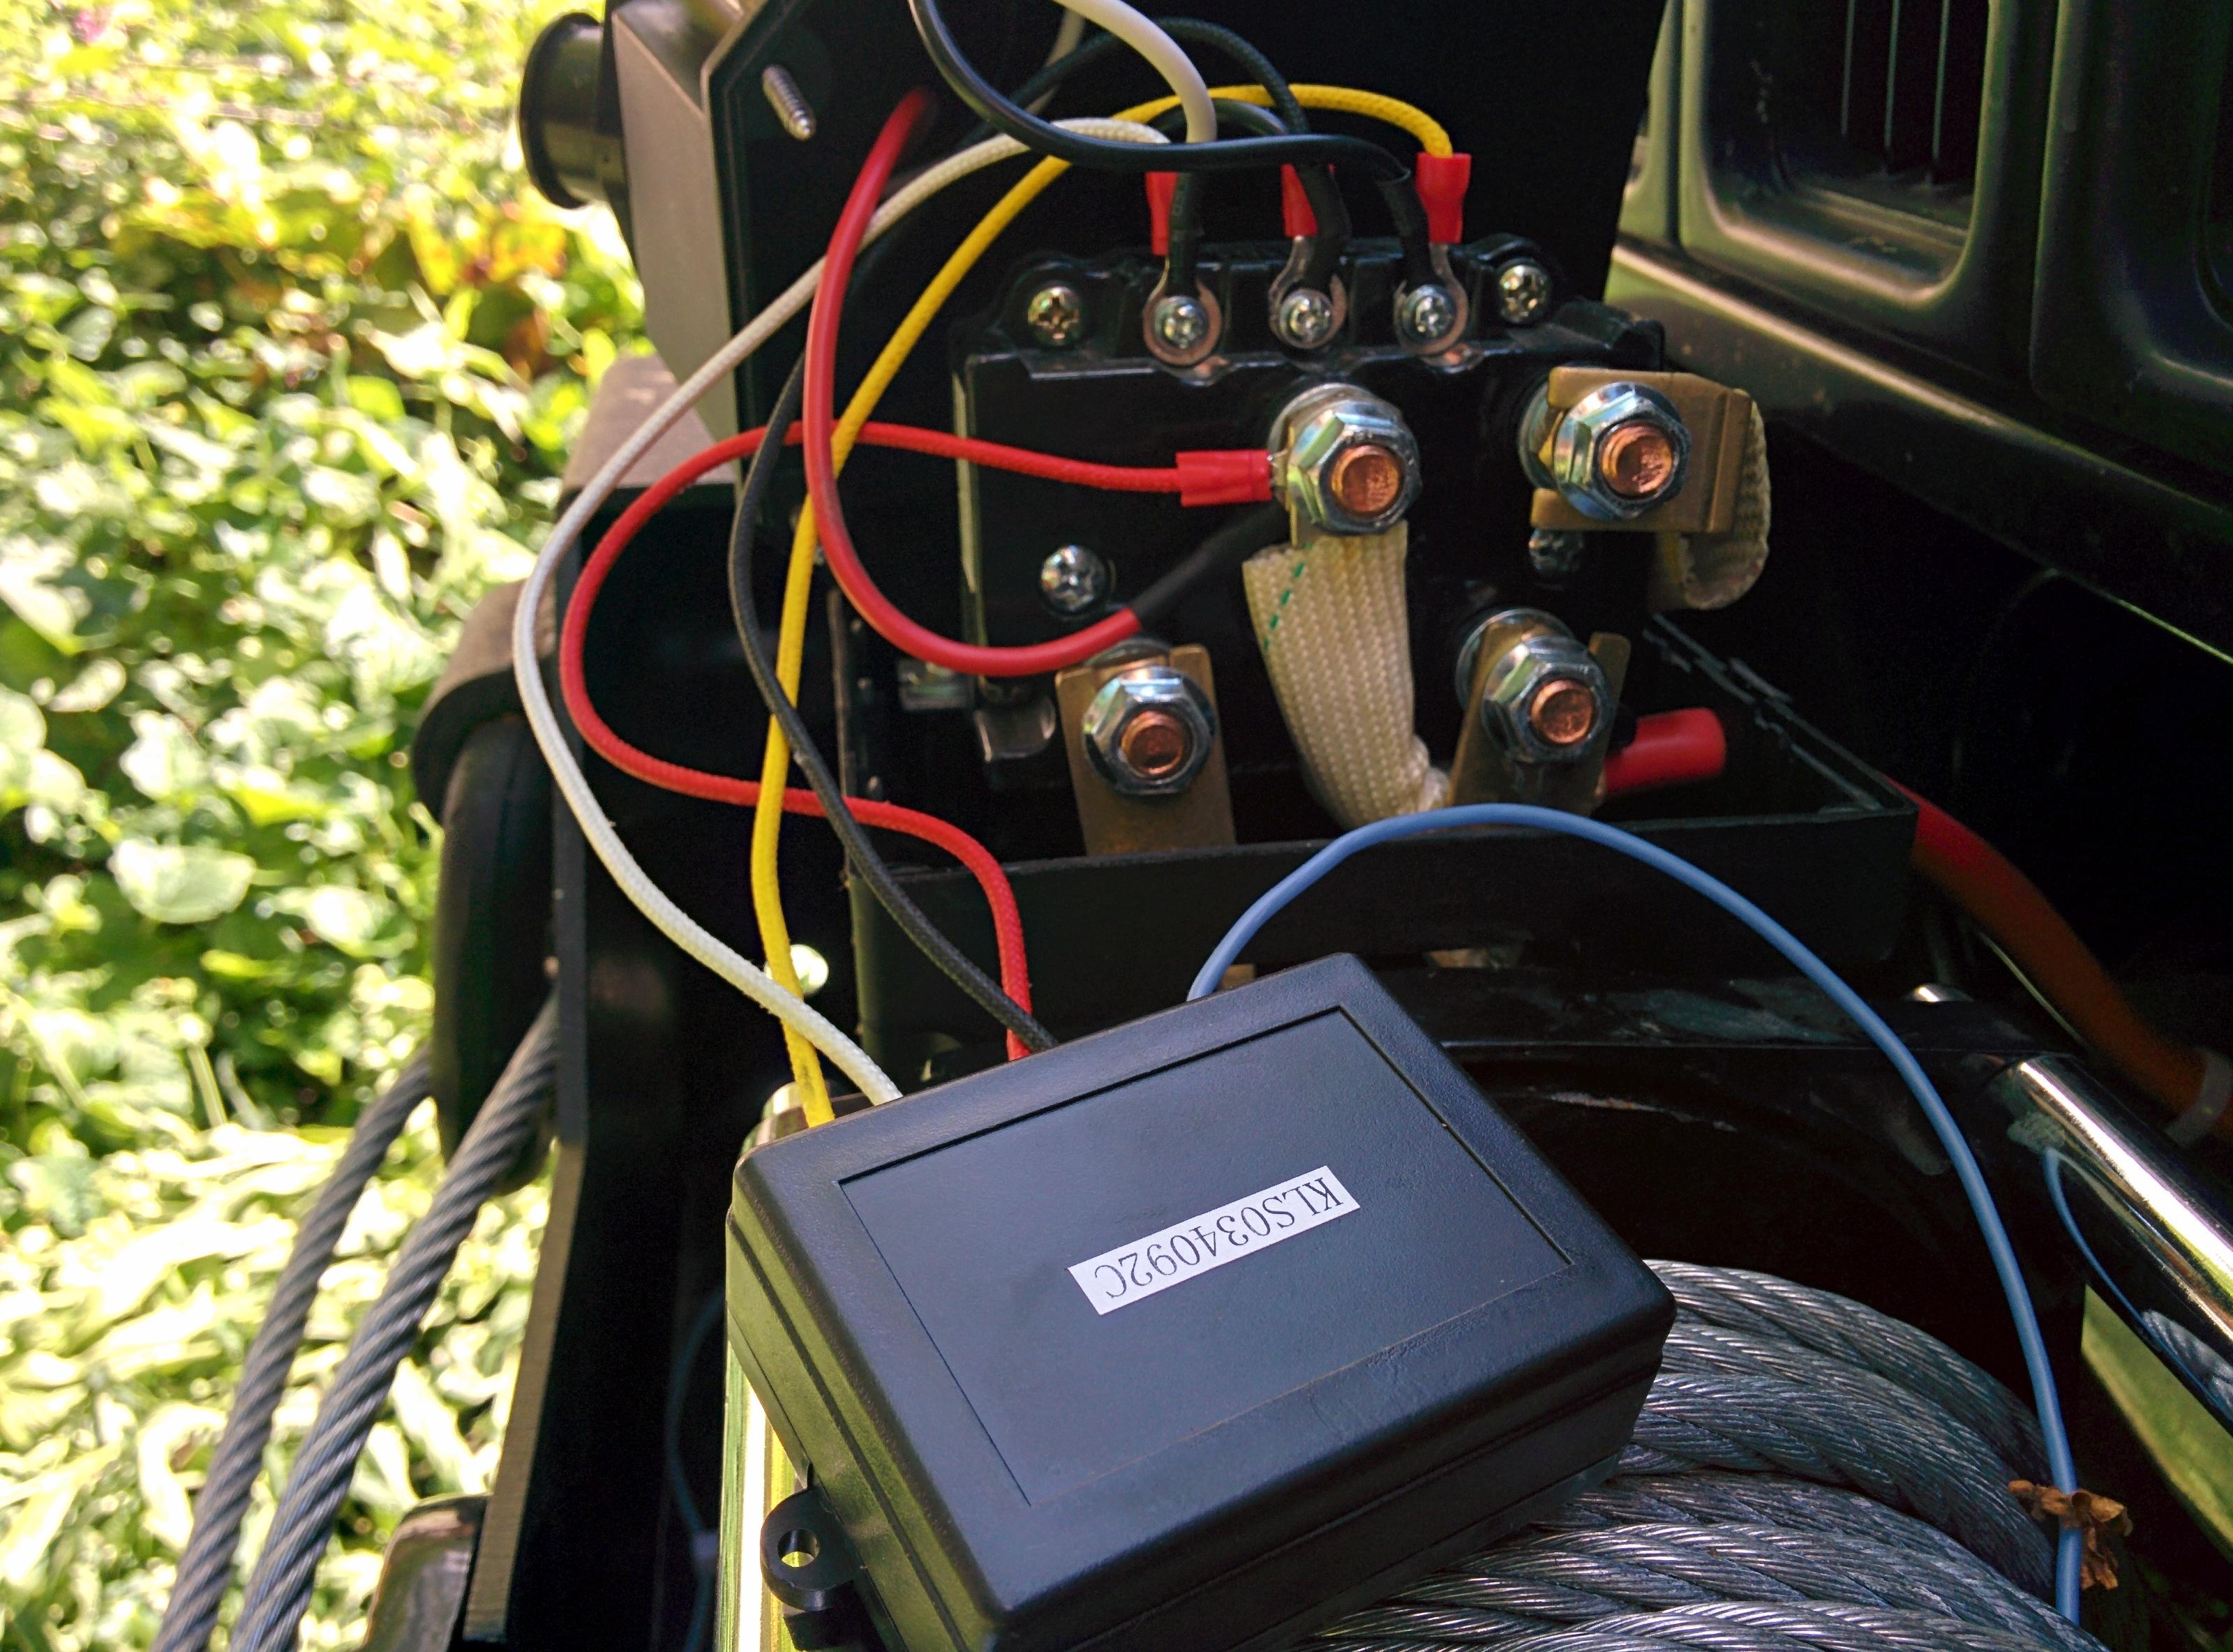 Superwinch Lp 8500 Wiring Diagram Fuse Box Lp8500 Schematics Diagrams U2022 Rh Seniorlivinguniversity Co Ramsey Winch Lt2000